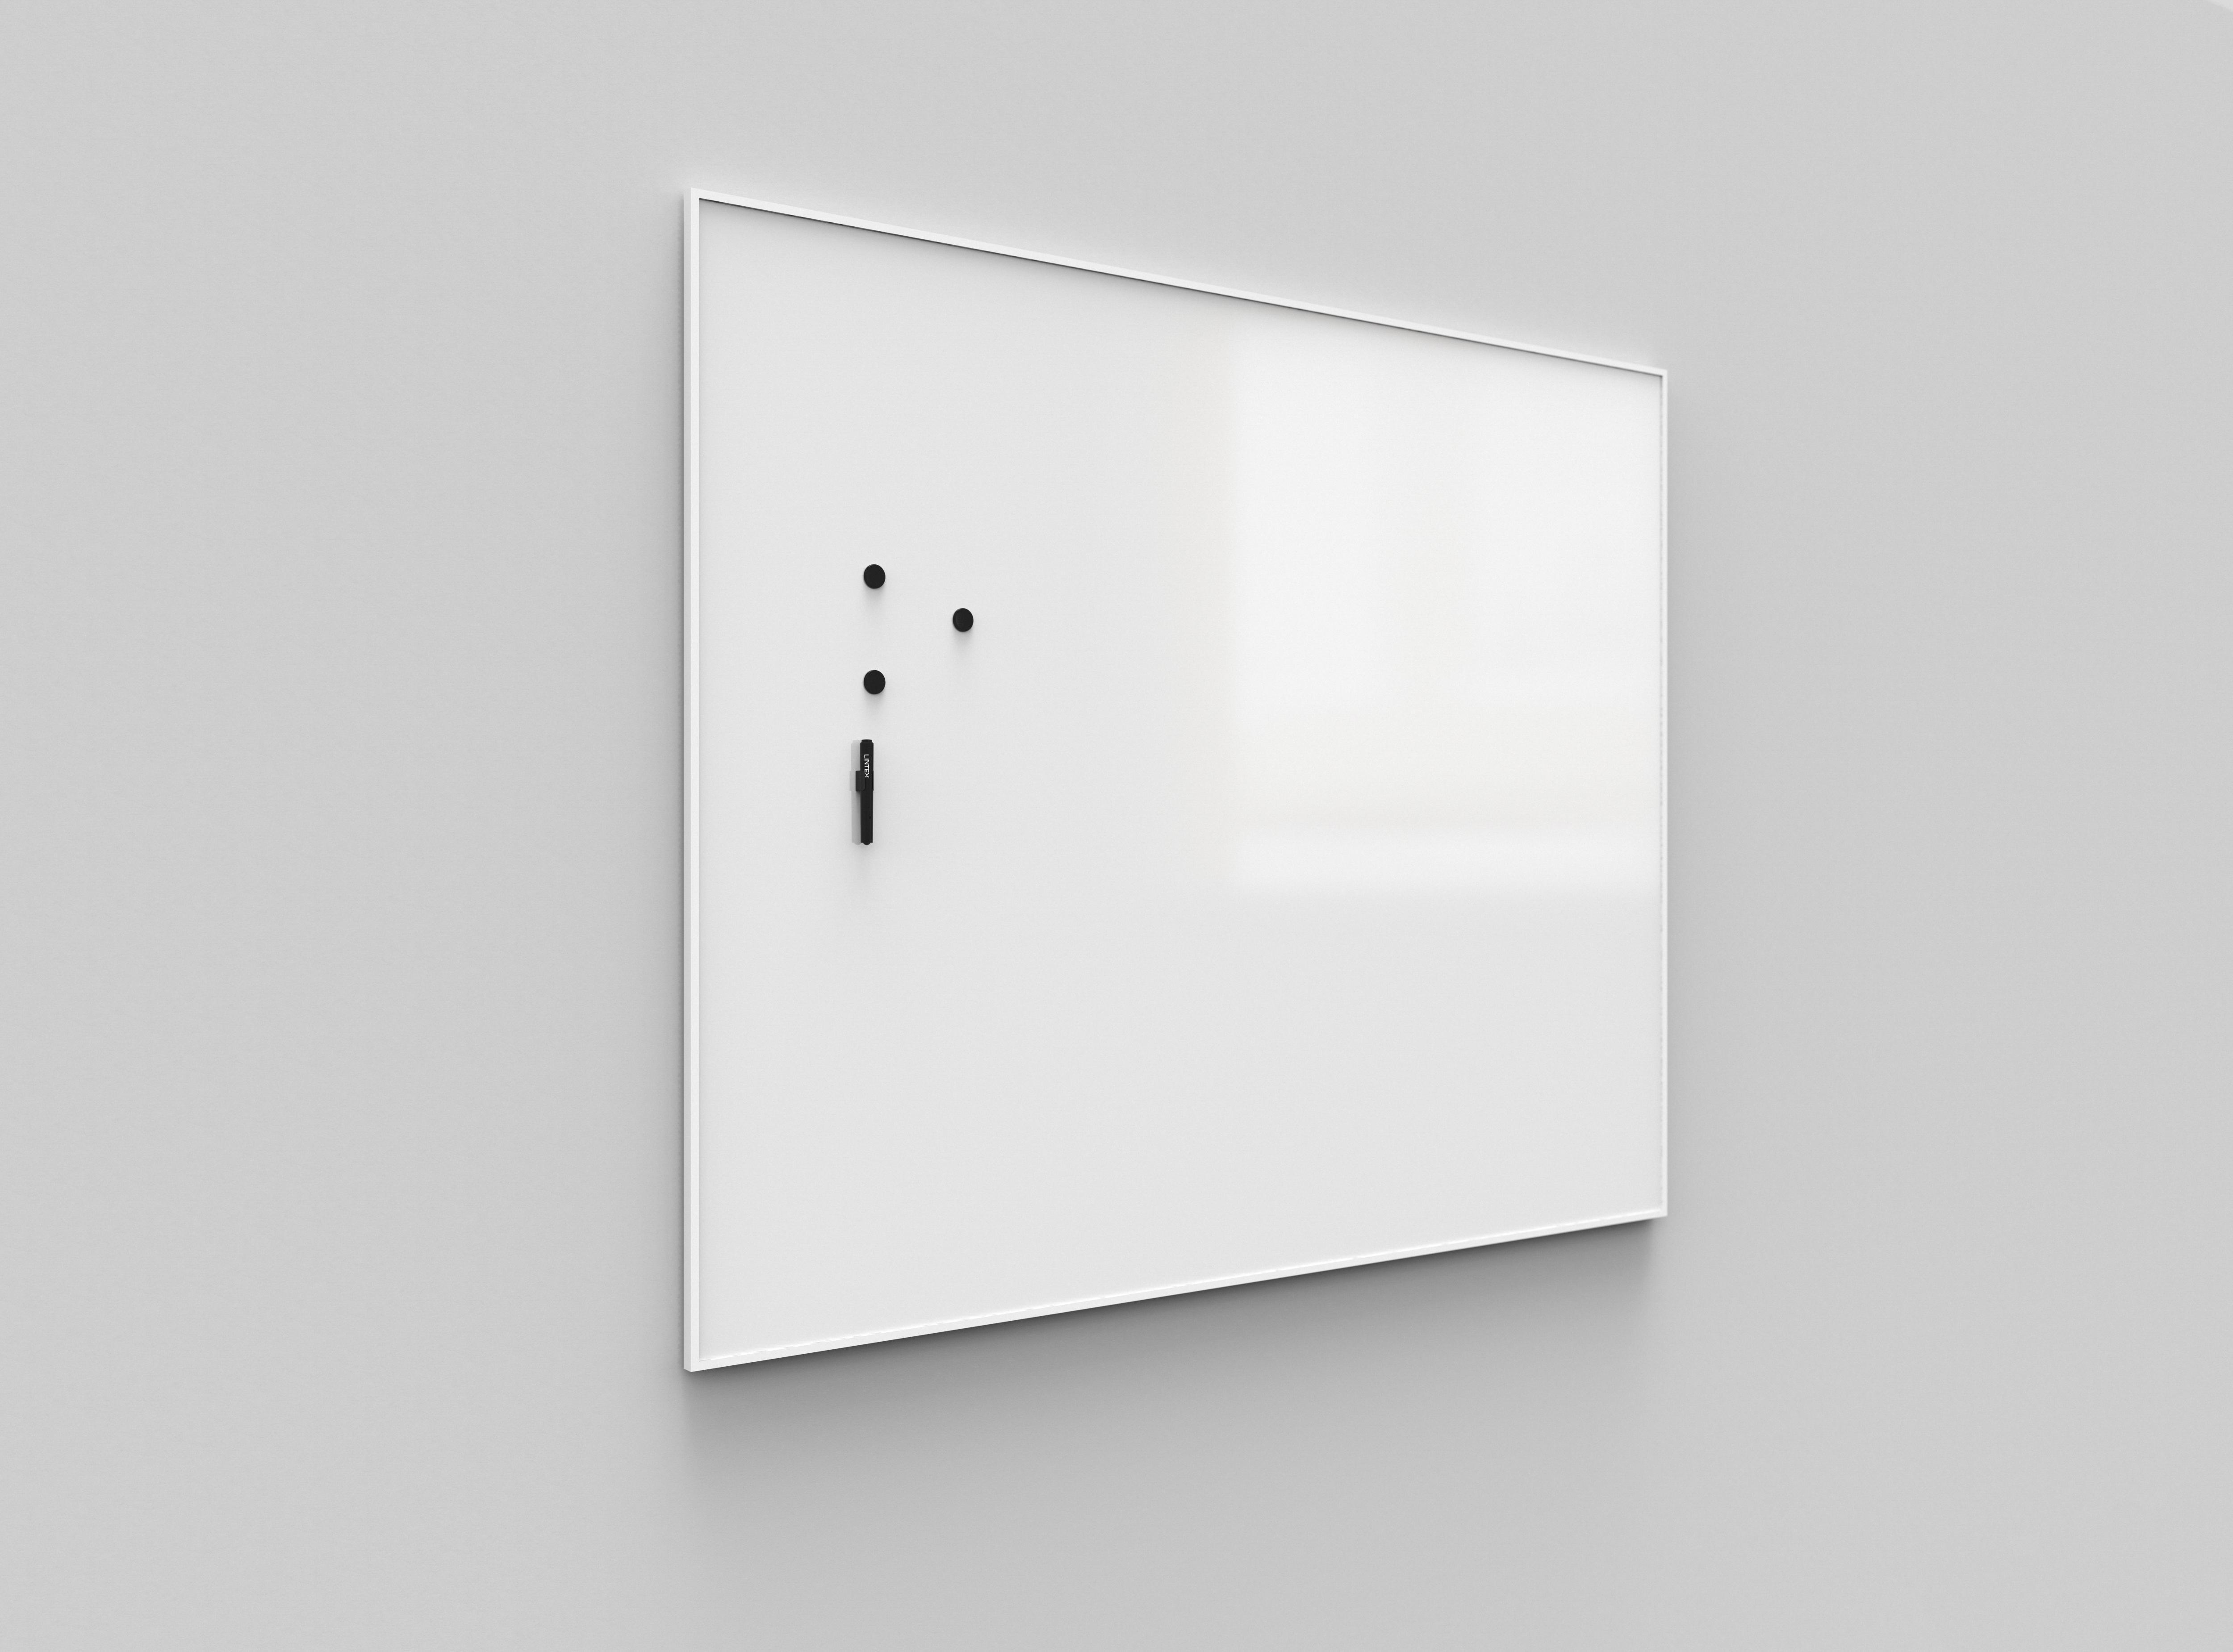 Whiteboardtavla Lintex One 921e77dcd28c6